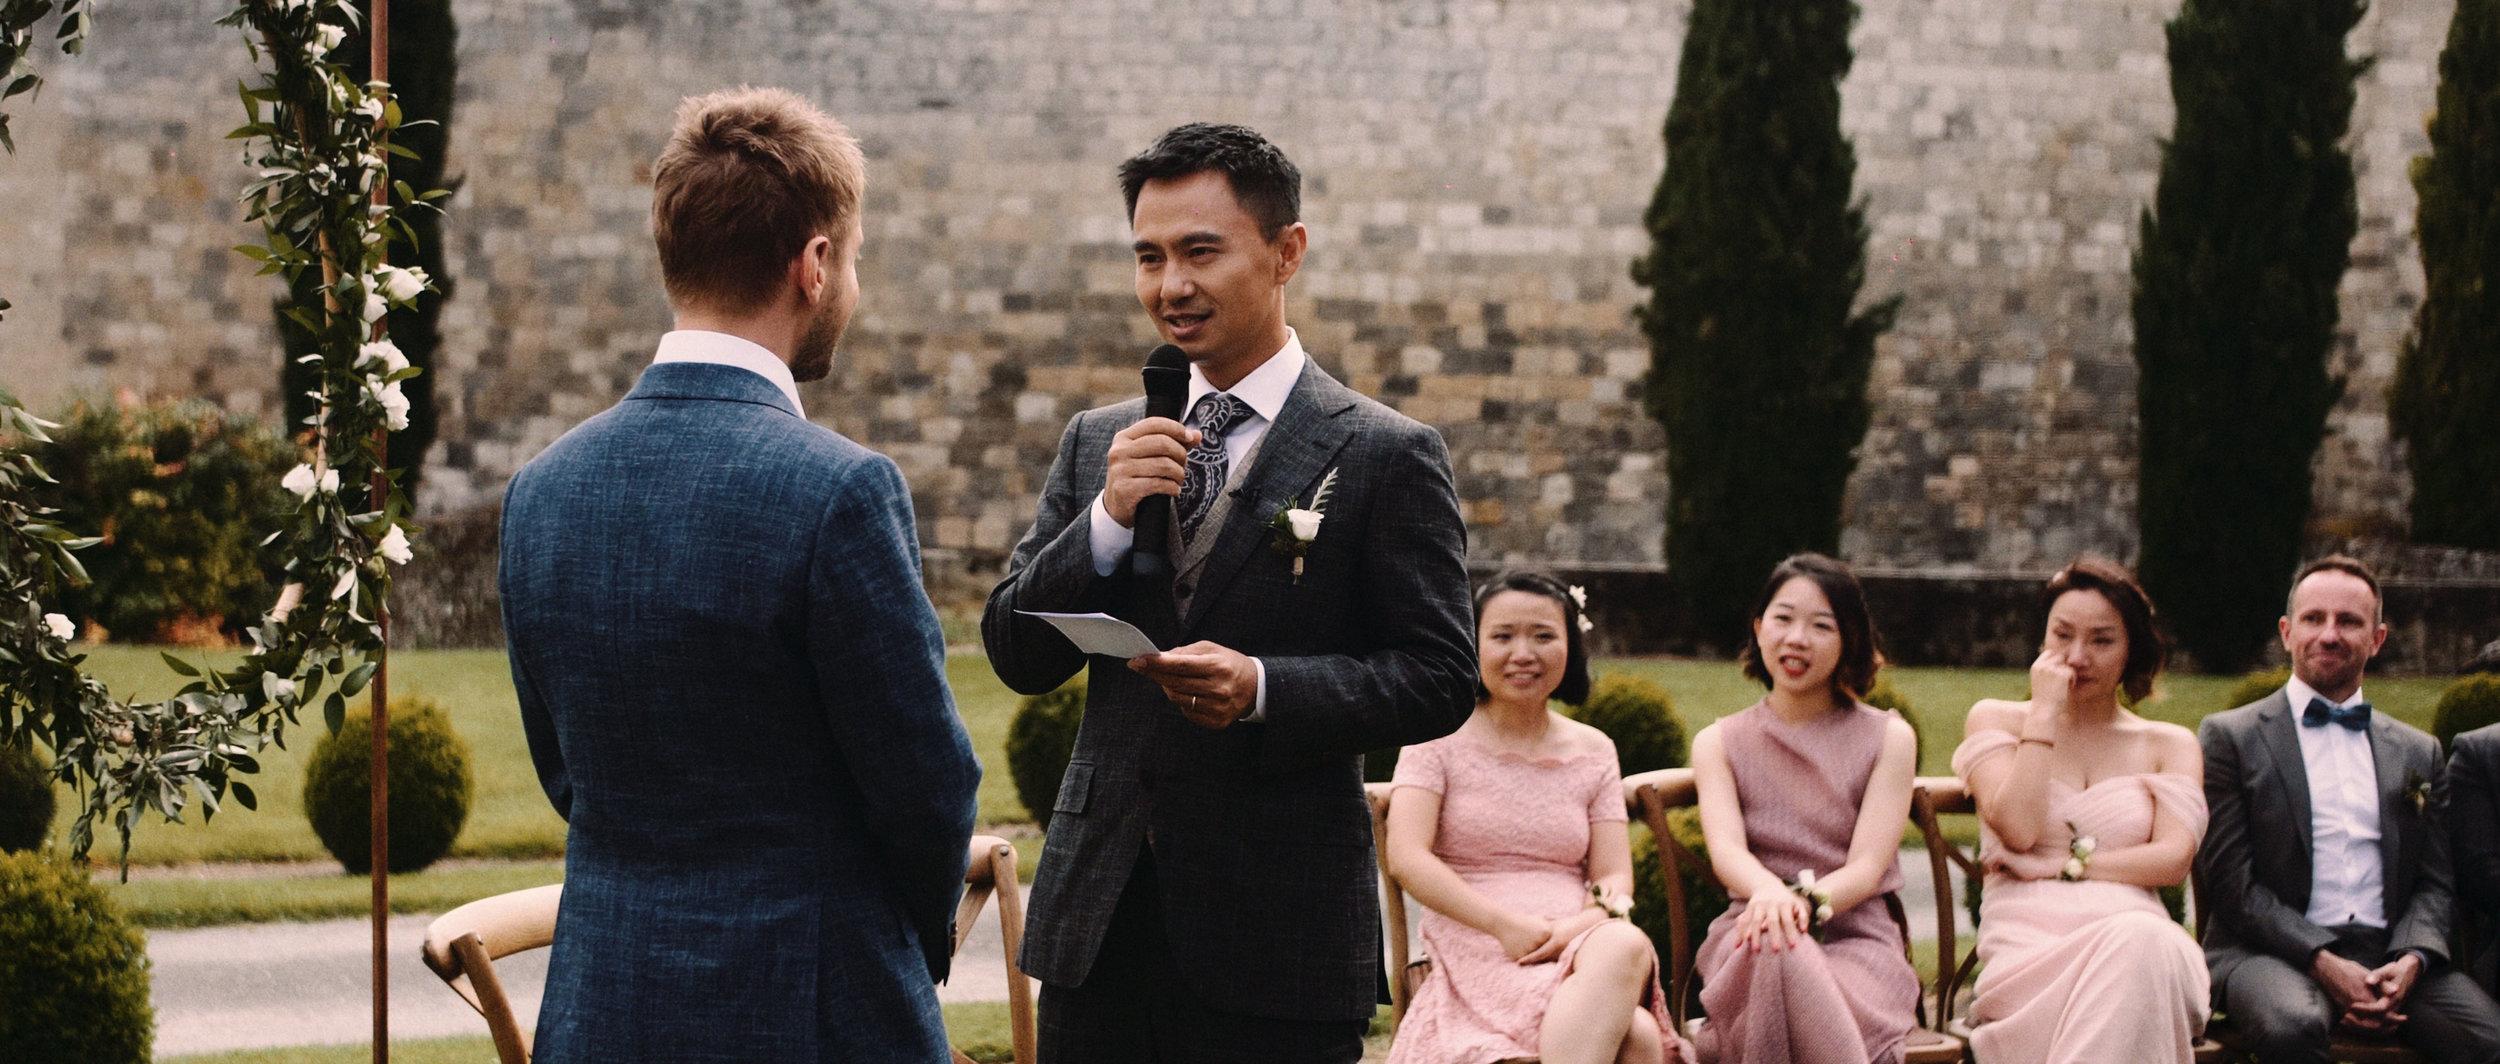 Sam-&-David---Wedding-Film.00_04_02_20.jpg